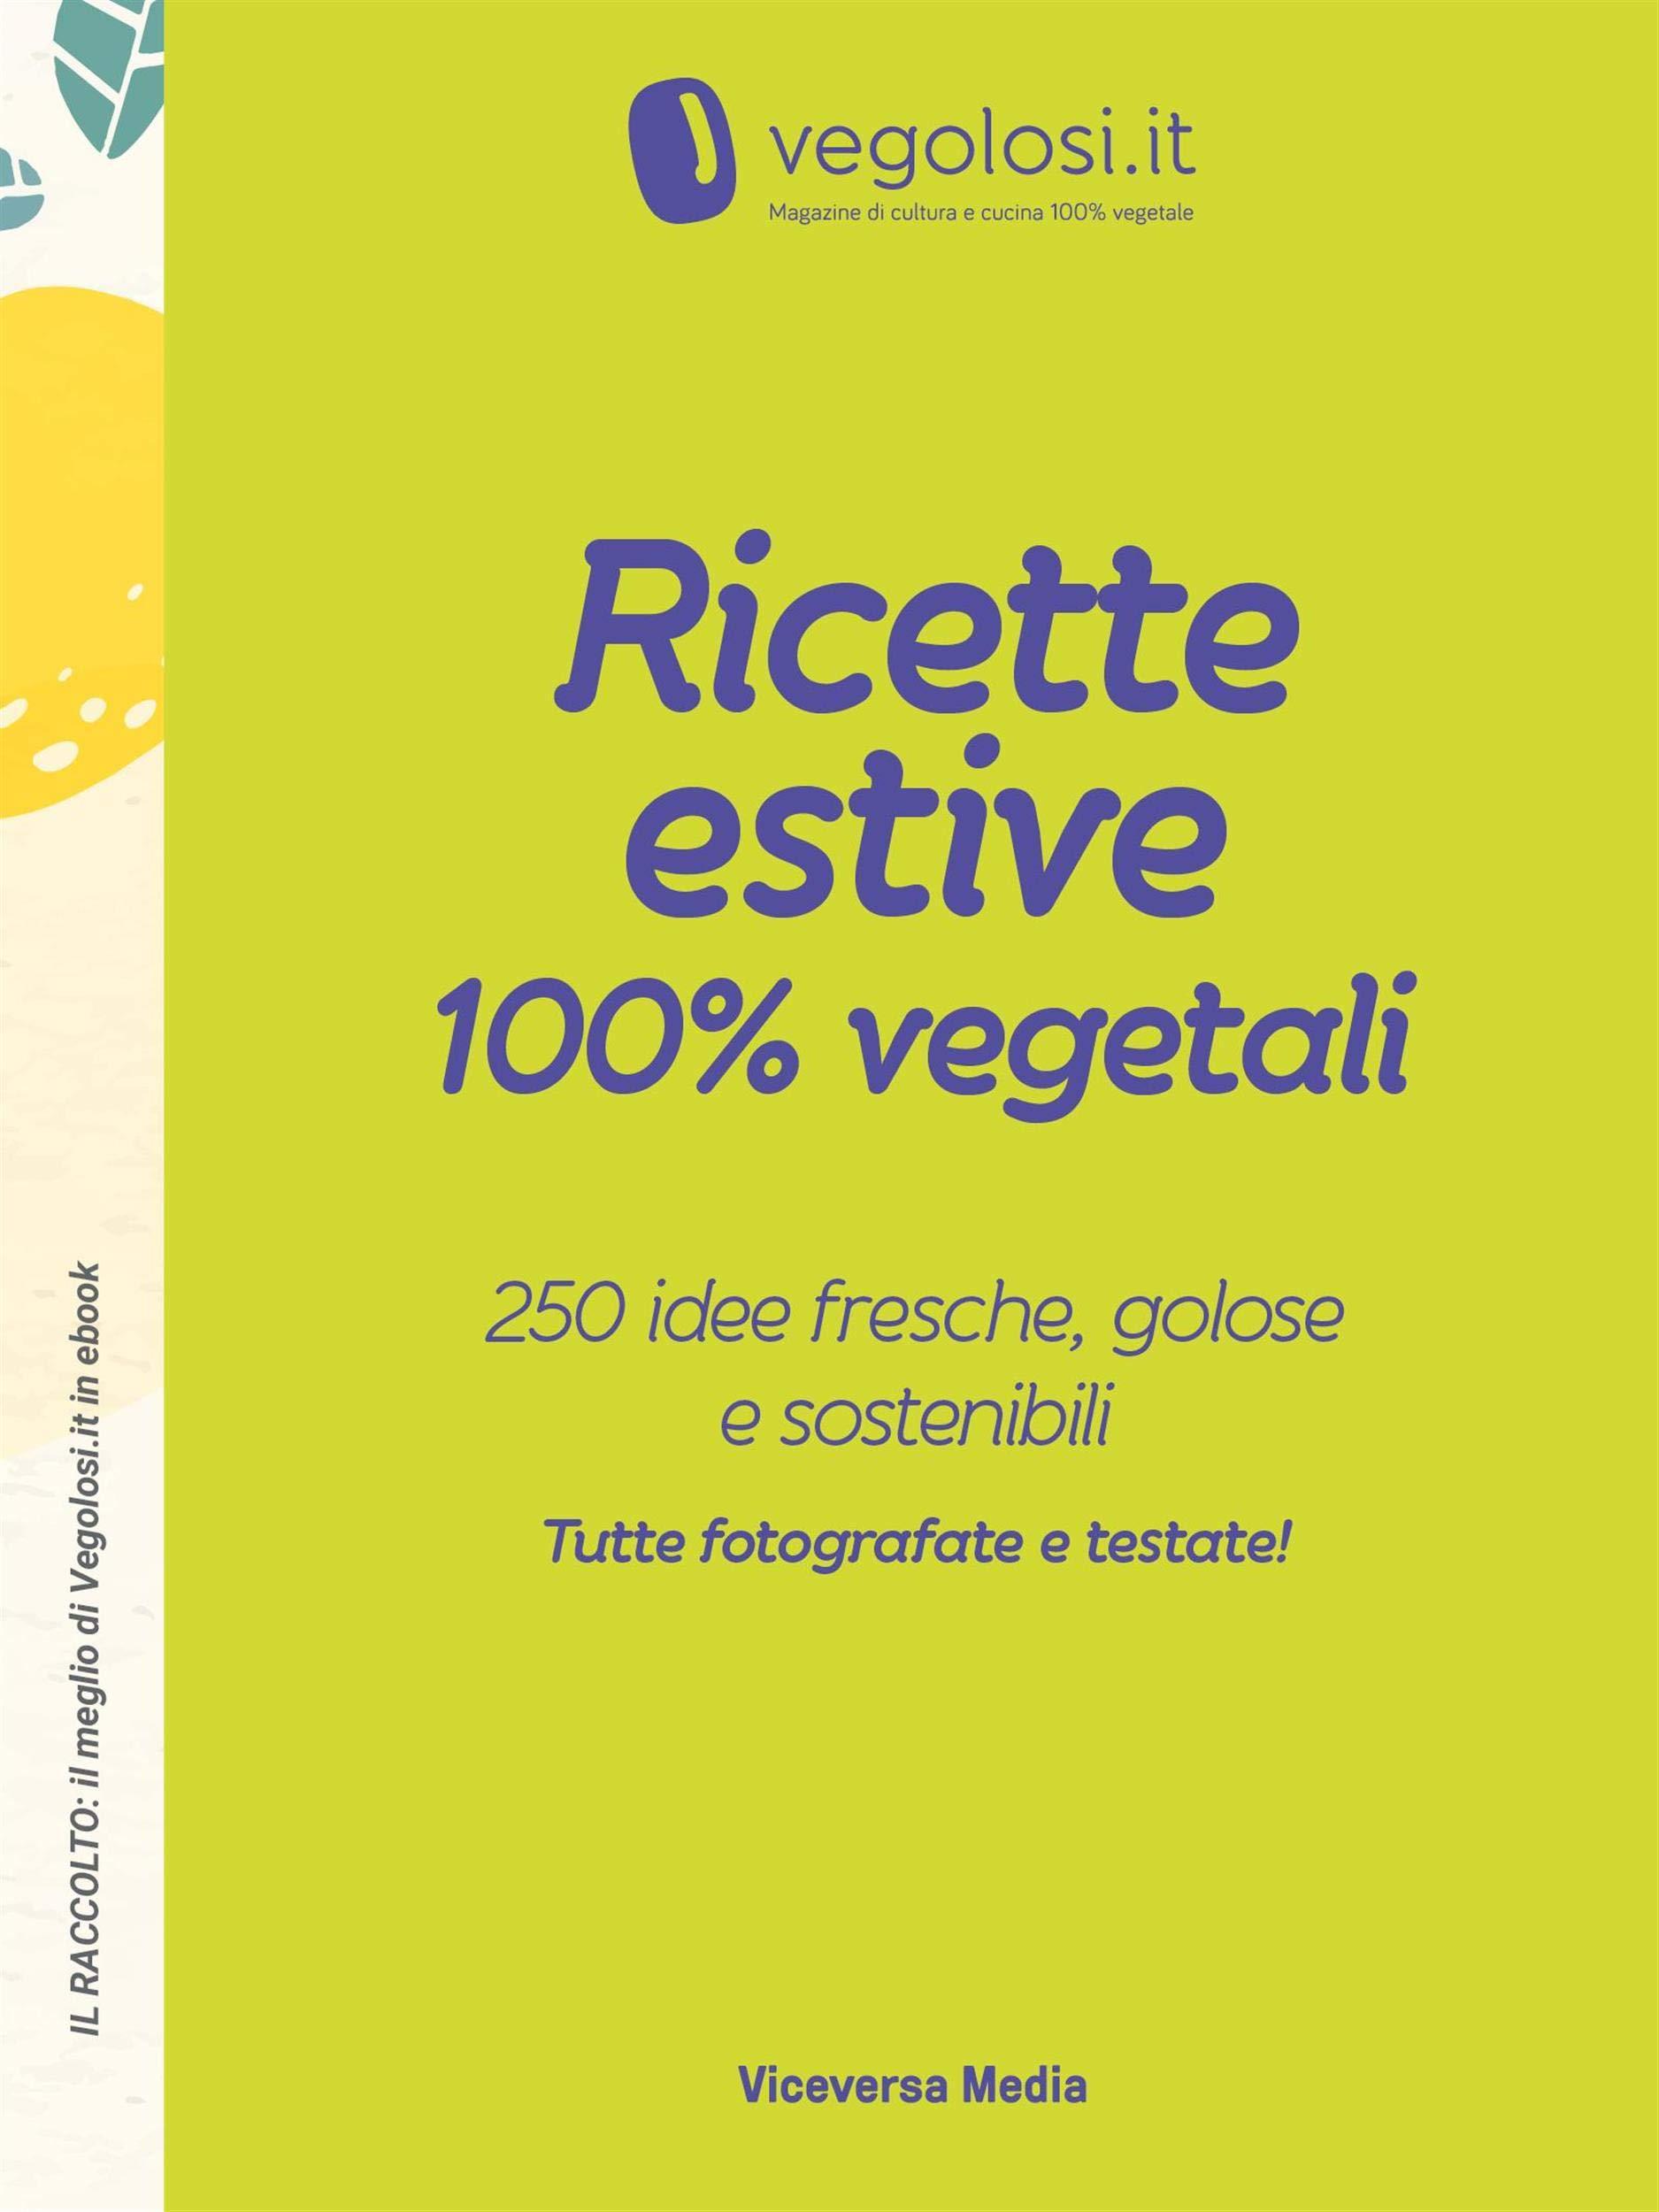 Ricette estive 100% vegetali: 250 idee fresche, golose e sostenibili (Il raccolto: il meglio di Vegolosi.it in ebook Vol. 1) di Vegolosi